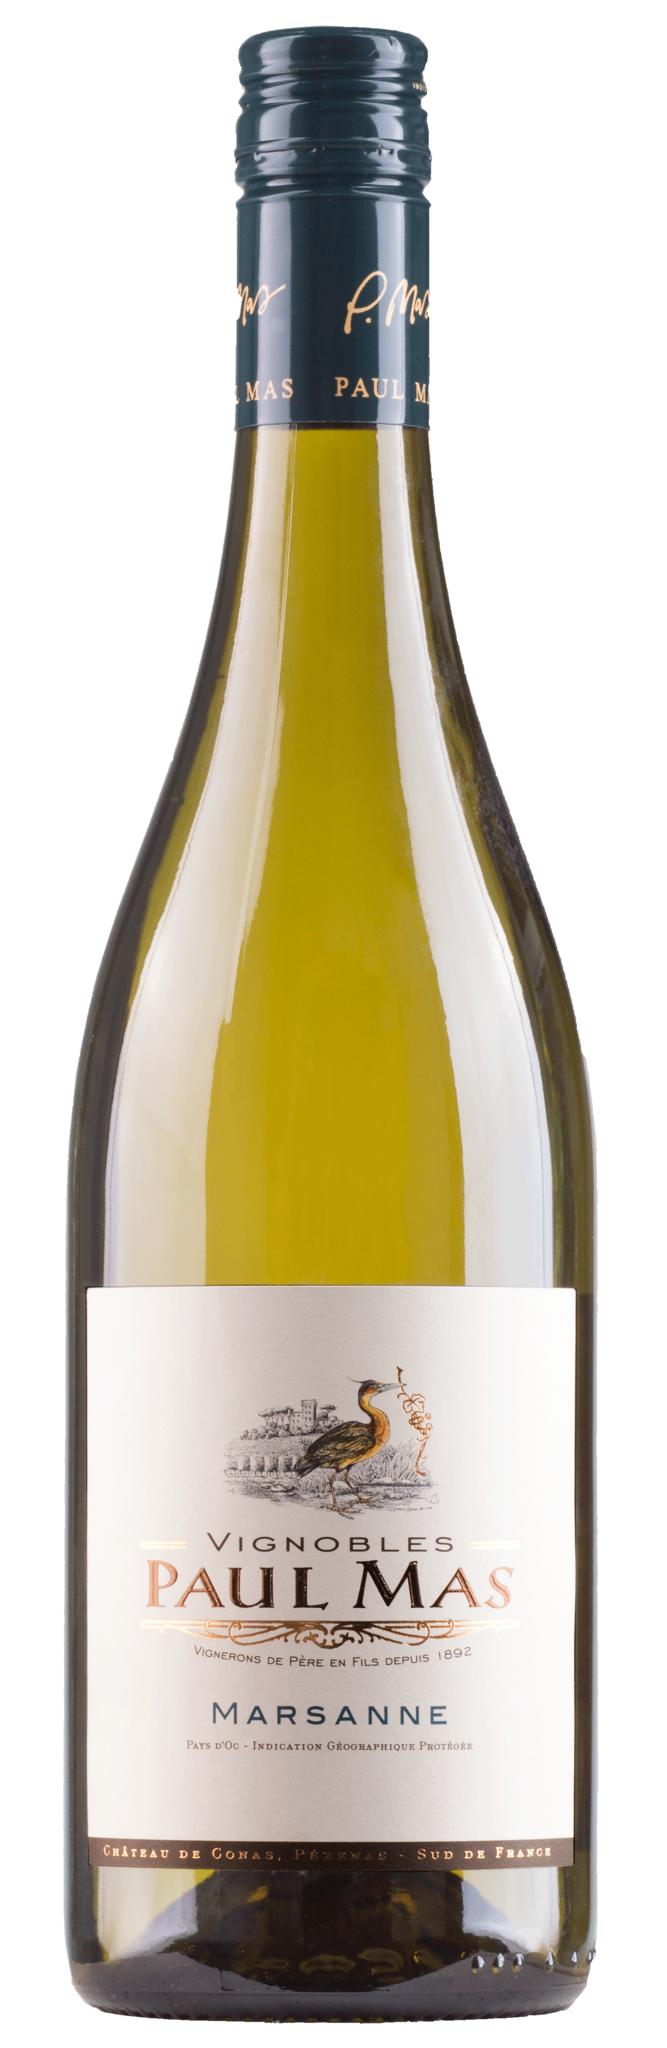 Mas, Paul - Languedoc 2020 Marsanne Classique IGP, Vignobles Paul Mas